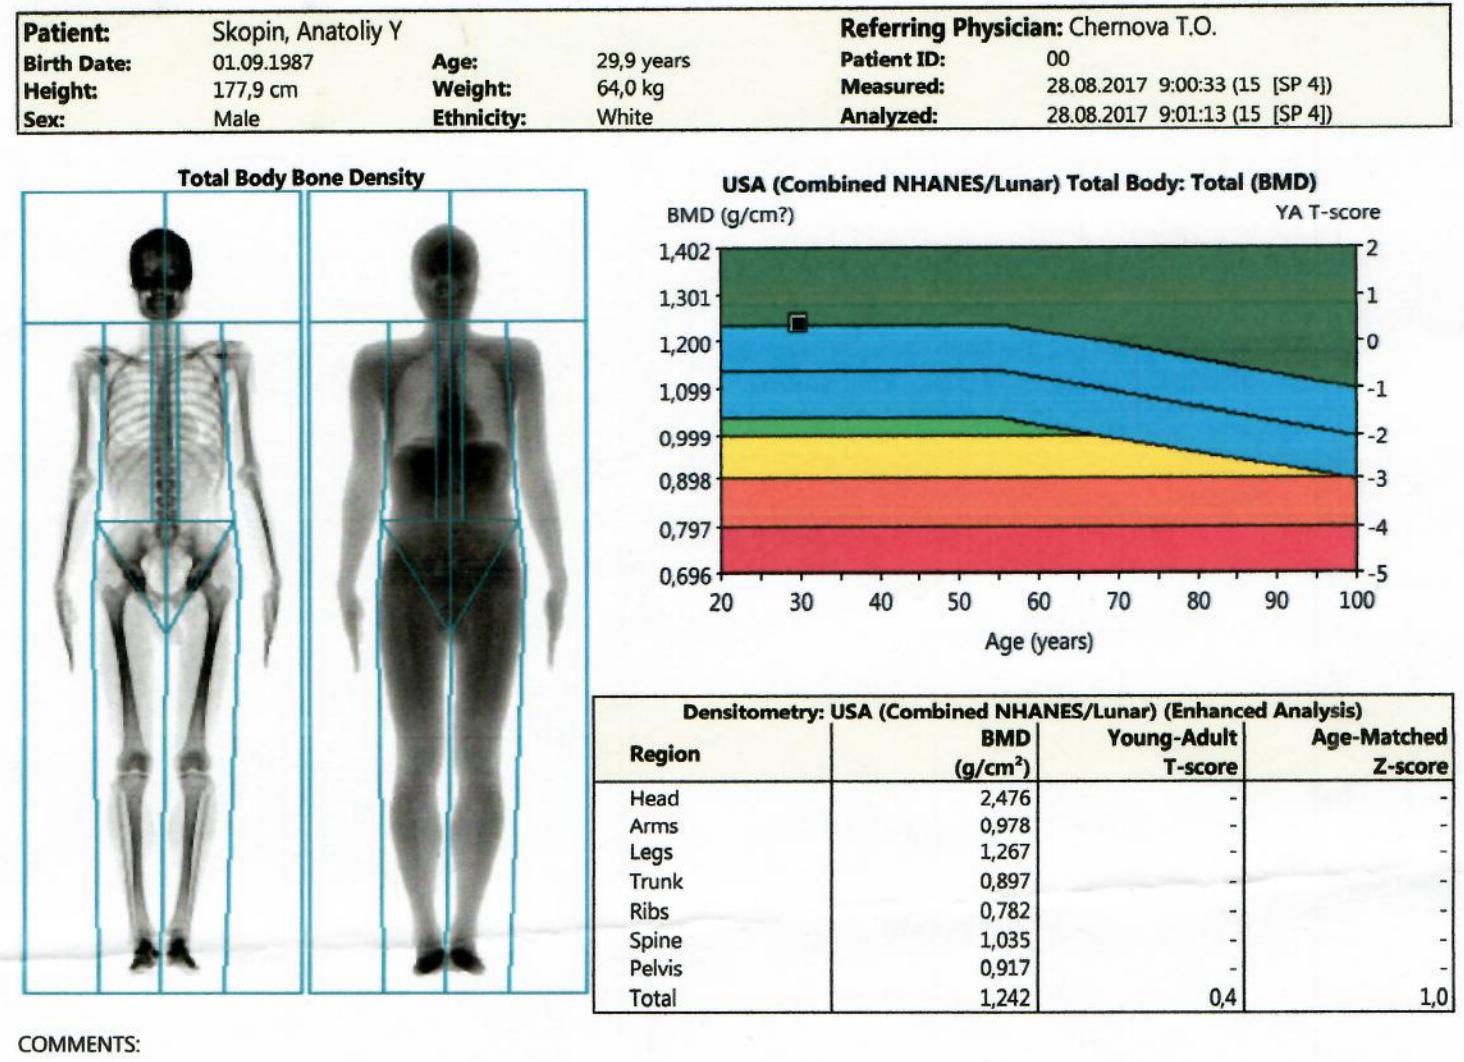 Как измерить уровень жира: биоимпеданс vs на глазок vs DEXA (Денситометрия) - 7